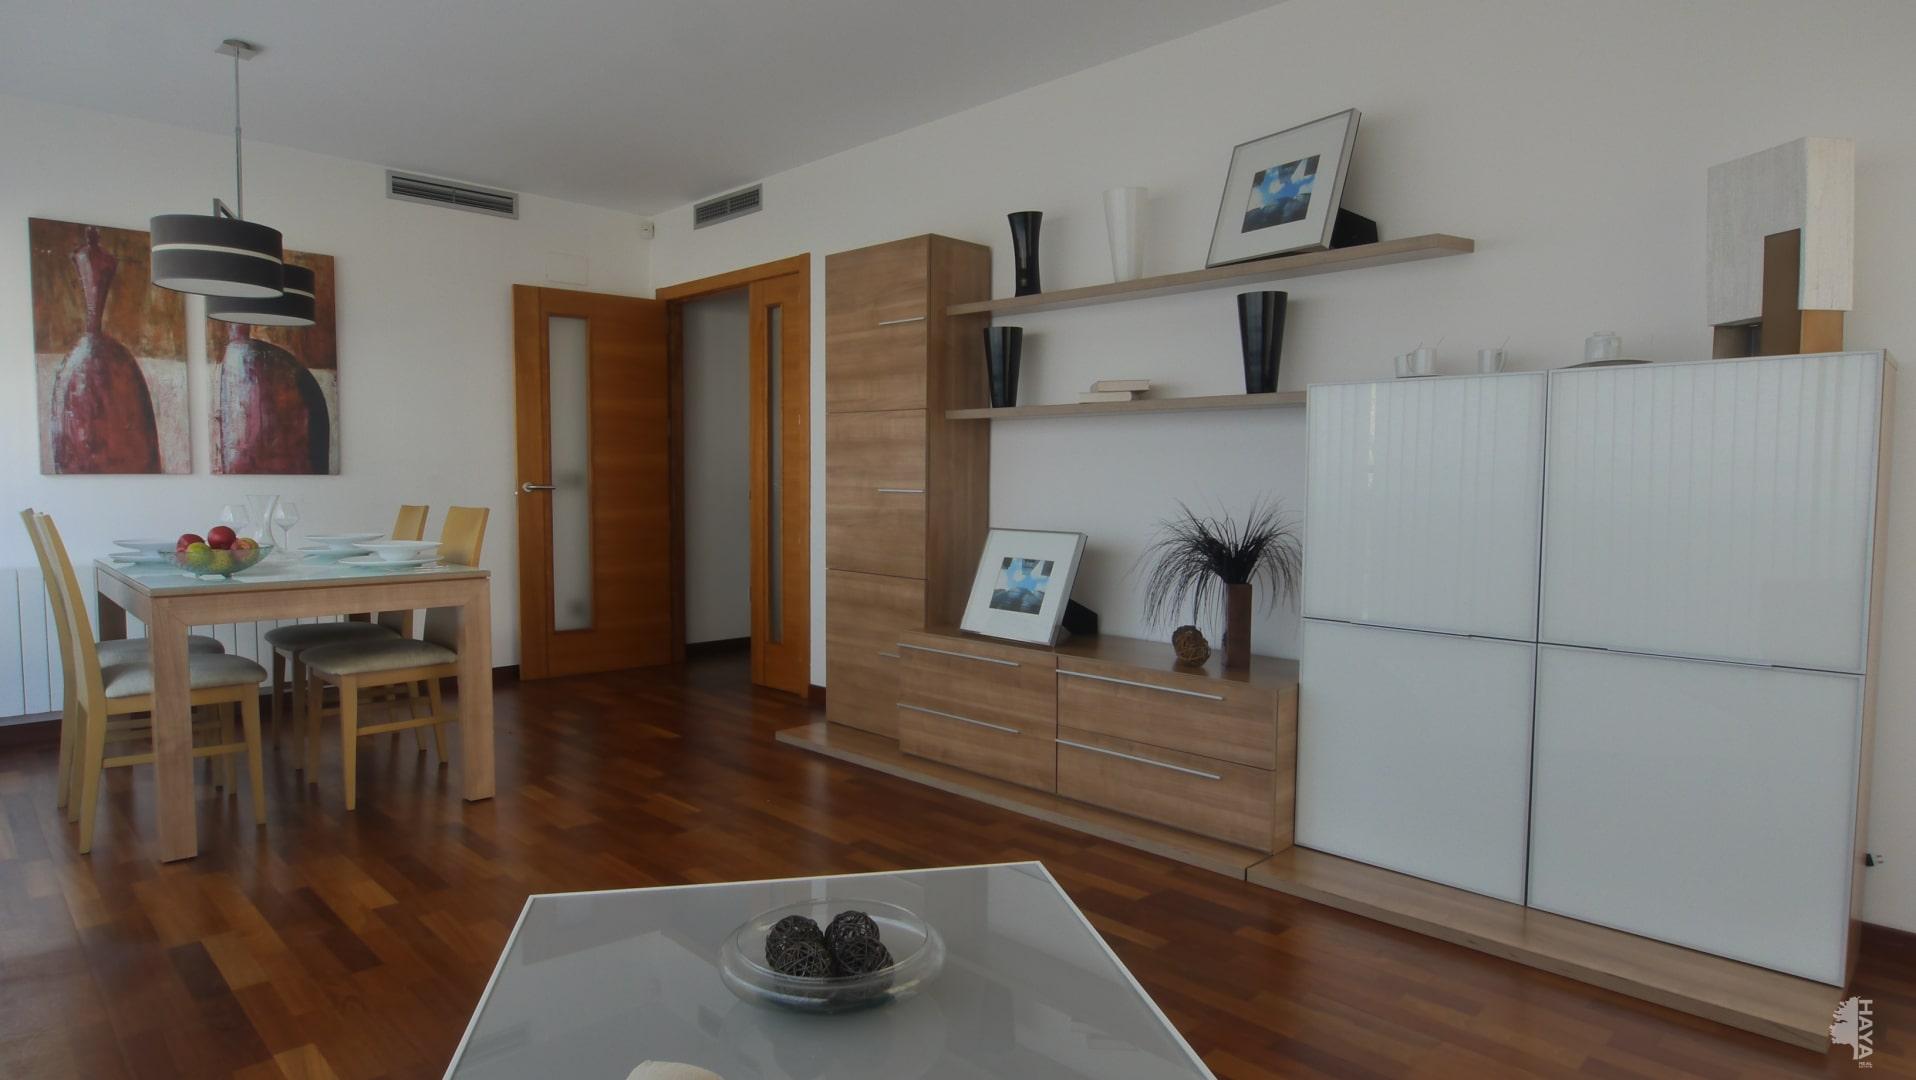 Piso en venta en Castellón de la Plana/castelló de la Plana, Castellón, Avenida Villarreal, 102.000 €, 1 habitación, 1 baño, 57 m2